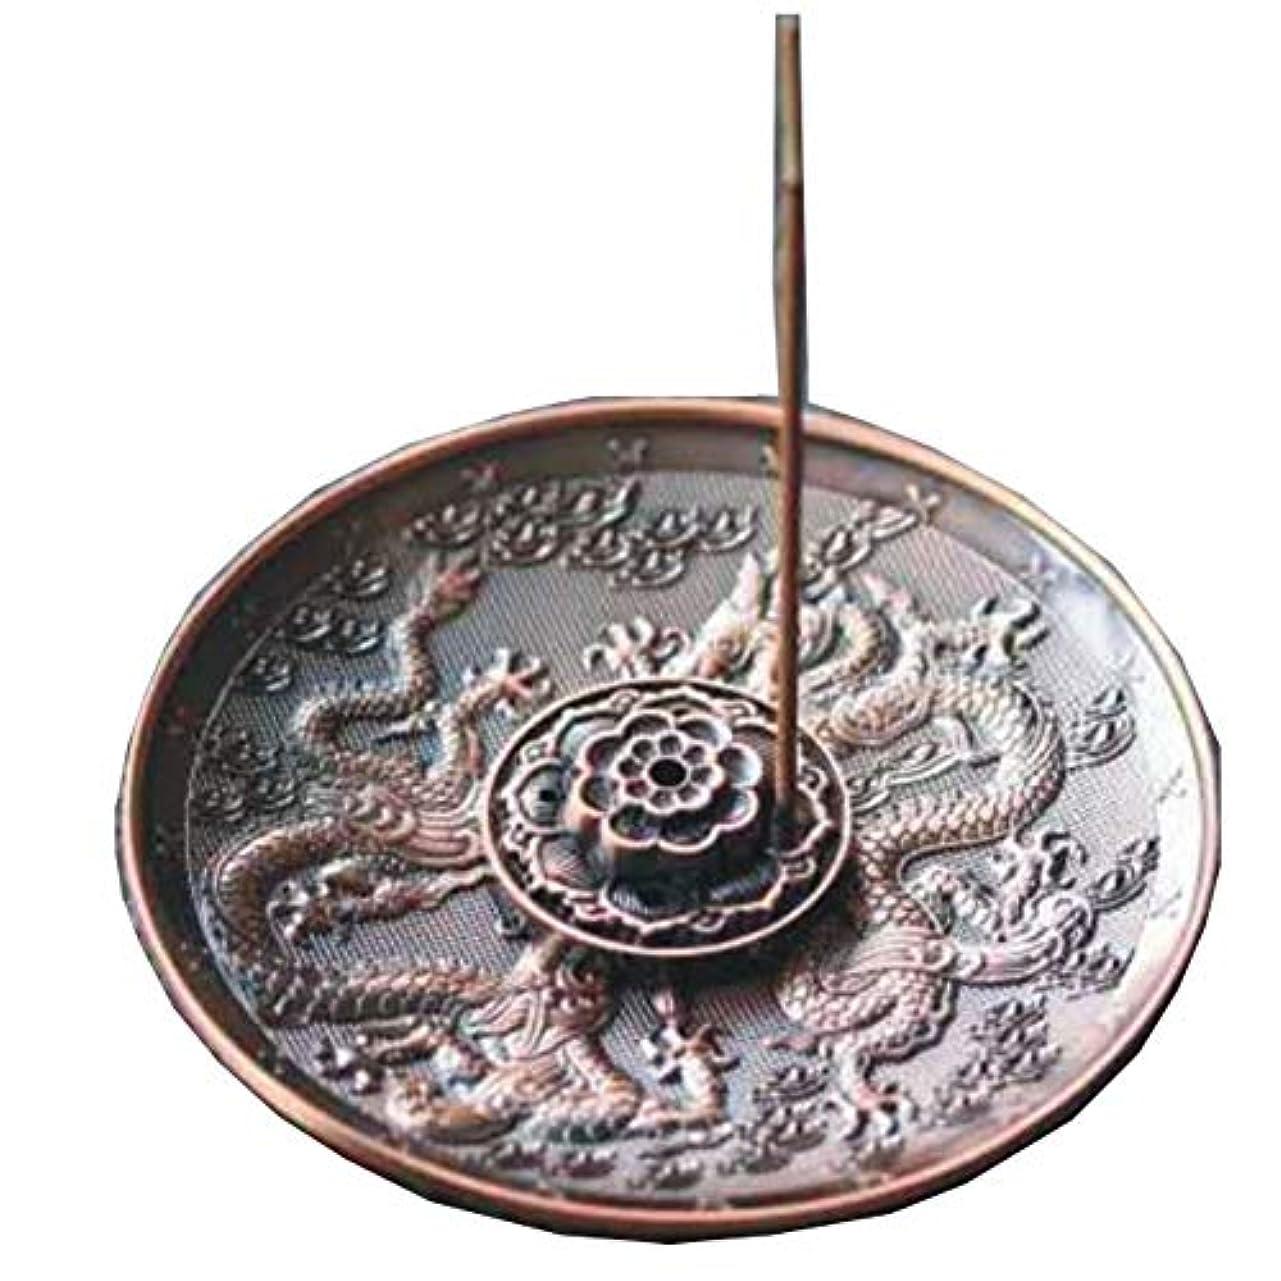 モニター耐えるトレイ[RADISSY] お香立て 香炉 香皿 スティック 円錐 タイプ お香 スタンド 龍のデザイン (赤胴色9穴)